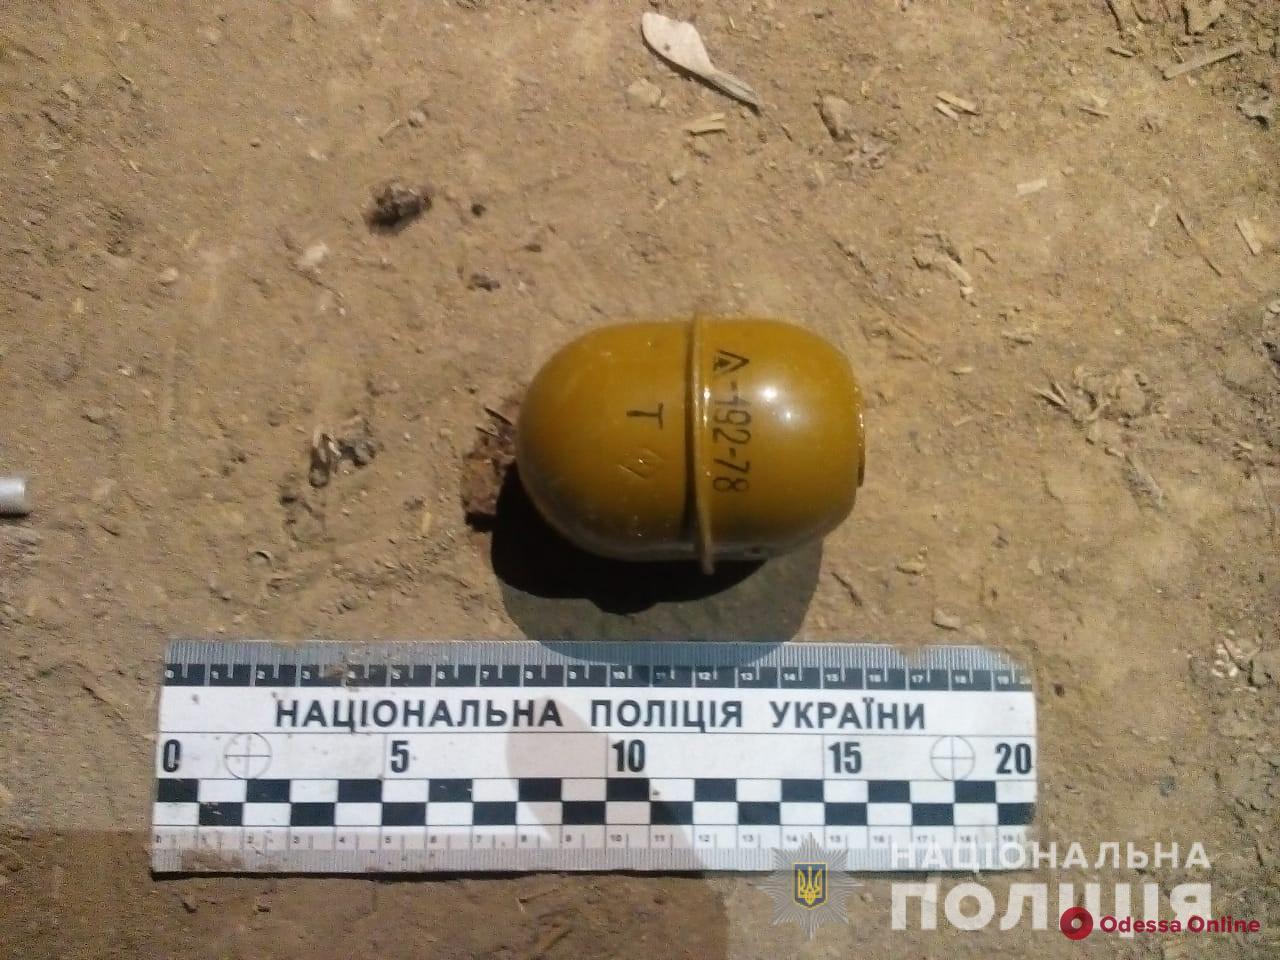 Житель Одесской области хранил на чердаке боевую гранату